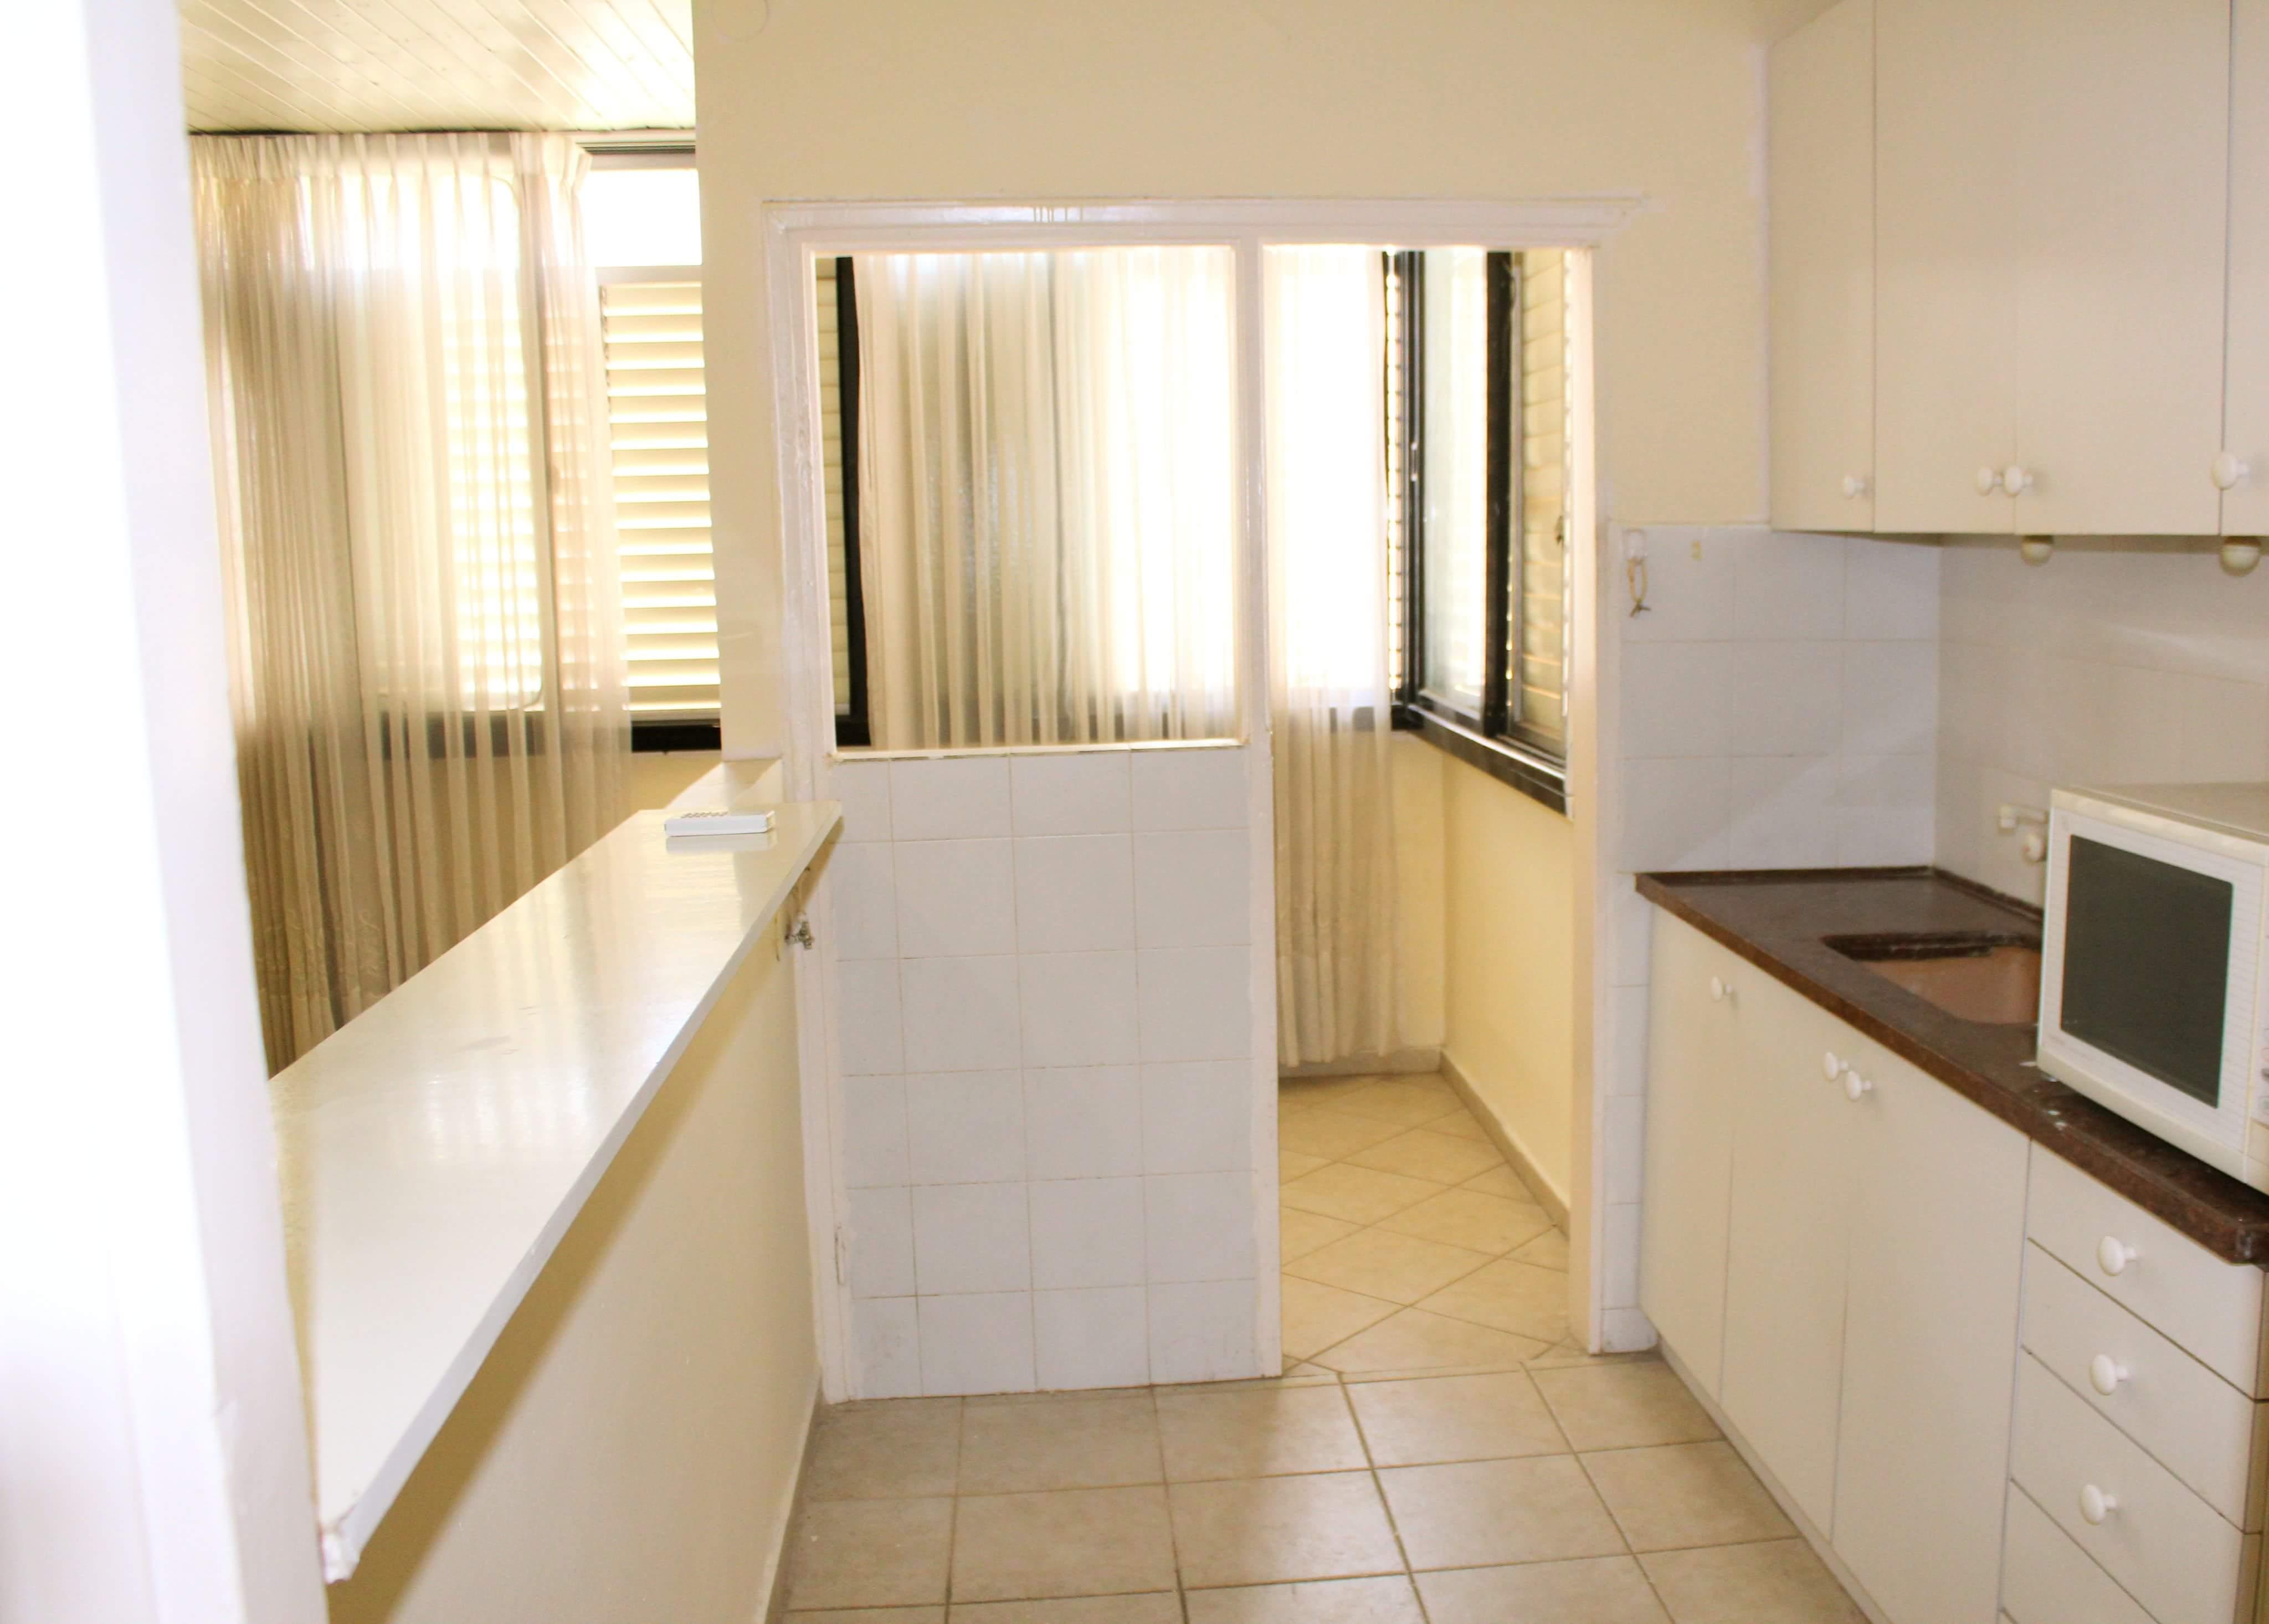 דירת 3 חדרים בסלומון3